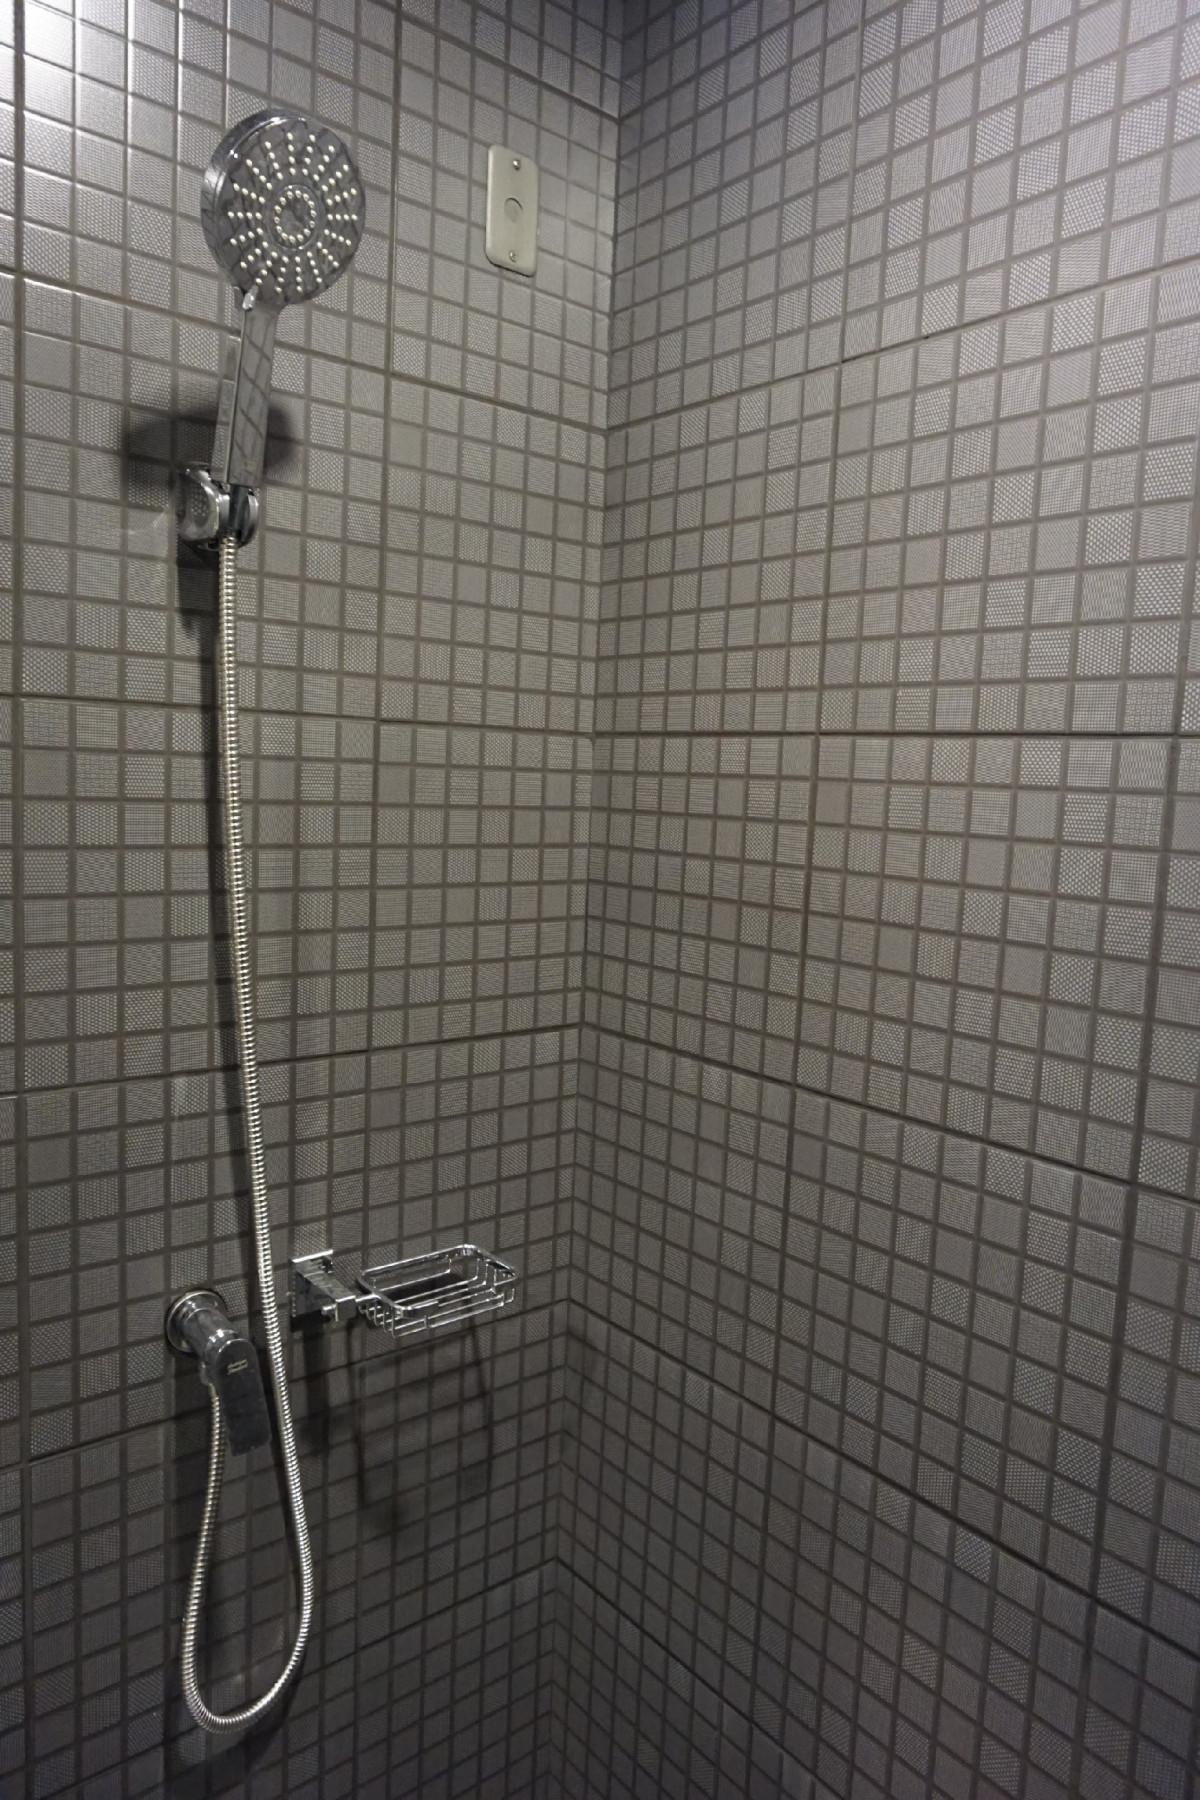 รูปของประกาศขายคอนโดไอดีโอ สุขุมวิท 115(1 ห้องนอน)(4)